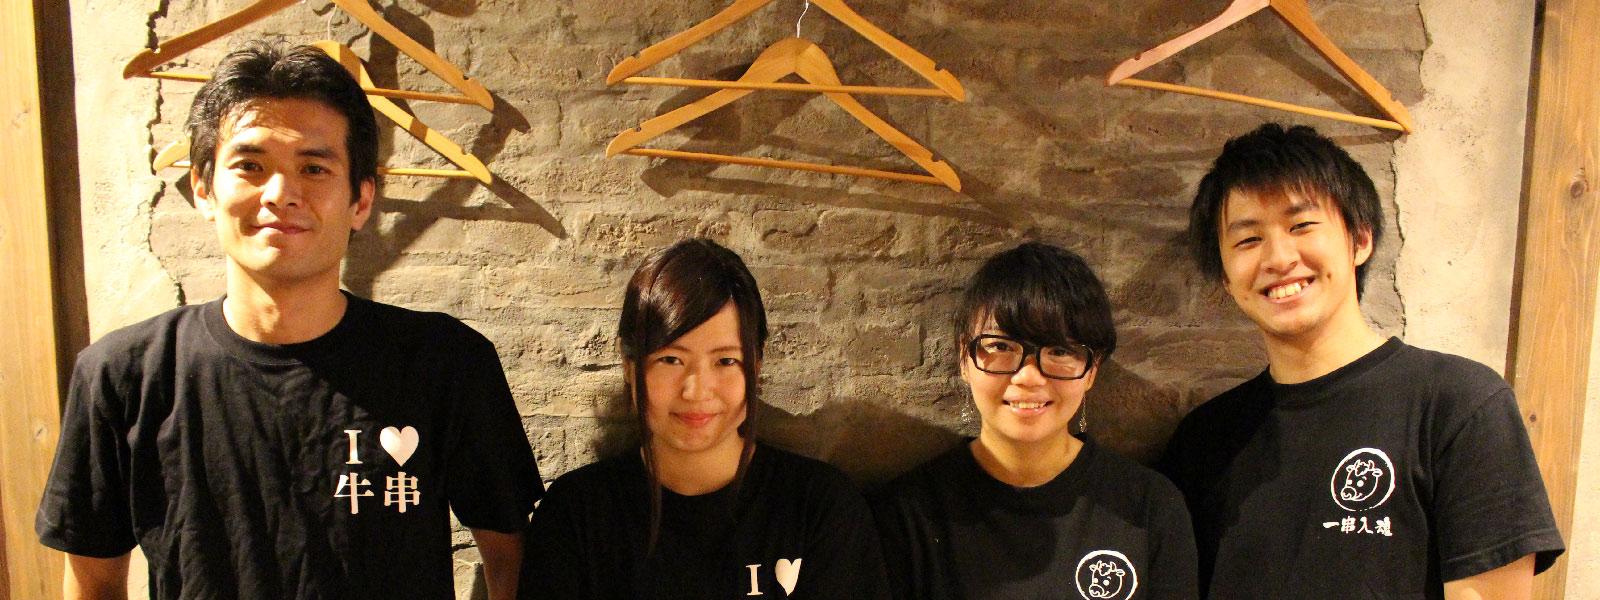 串焼き源's スタッフの笑顔